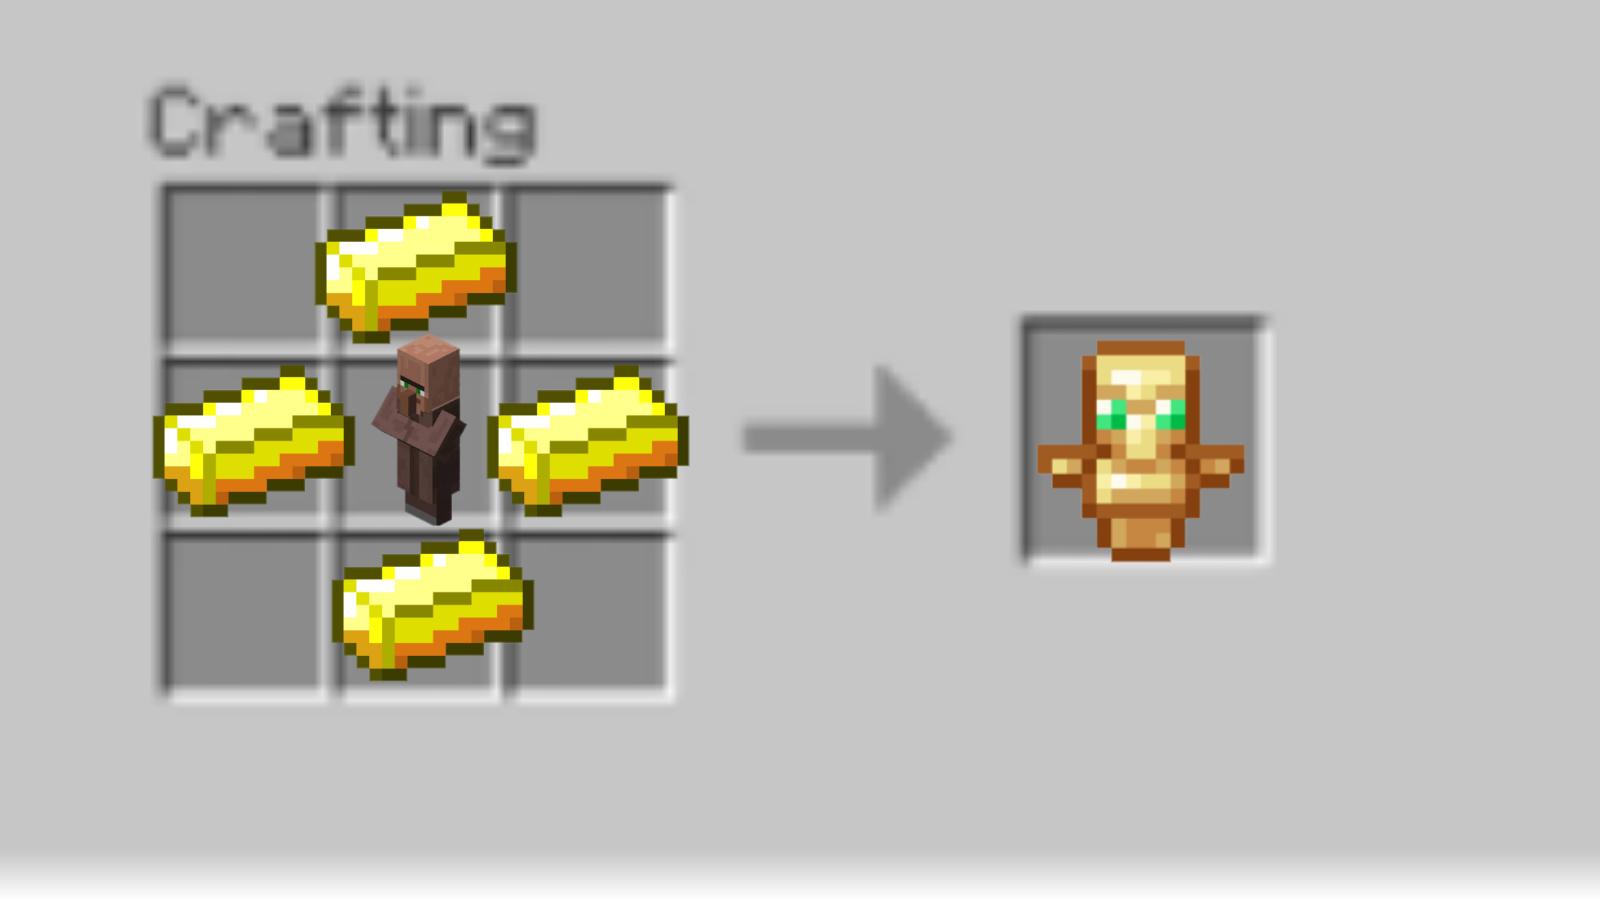 CursedCraft #1 - meme